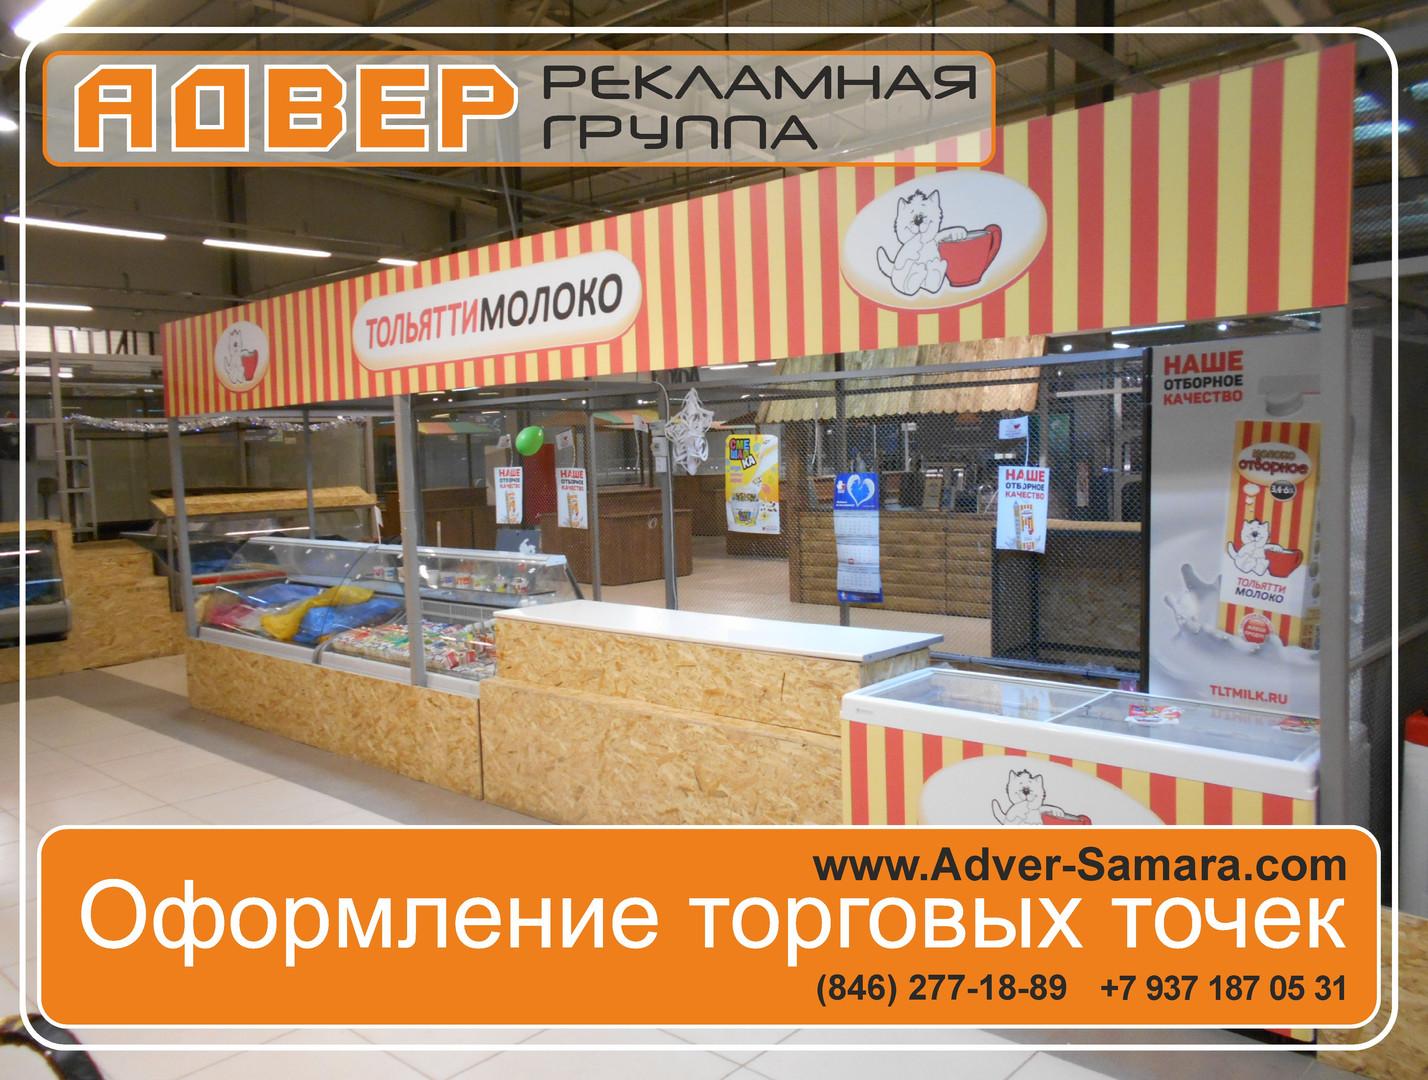 АДВЕР РГ Самара ТольяттиМолоко монтаж на